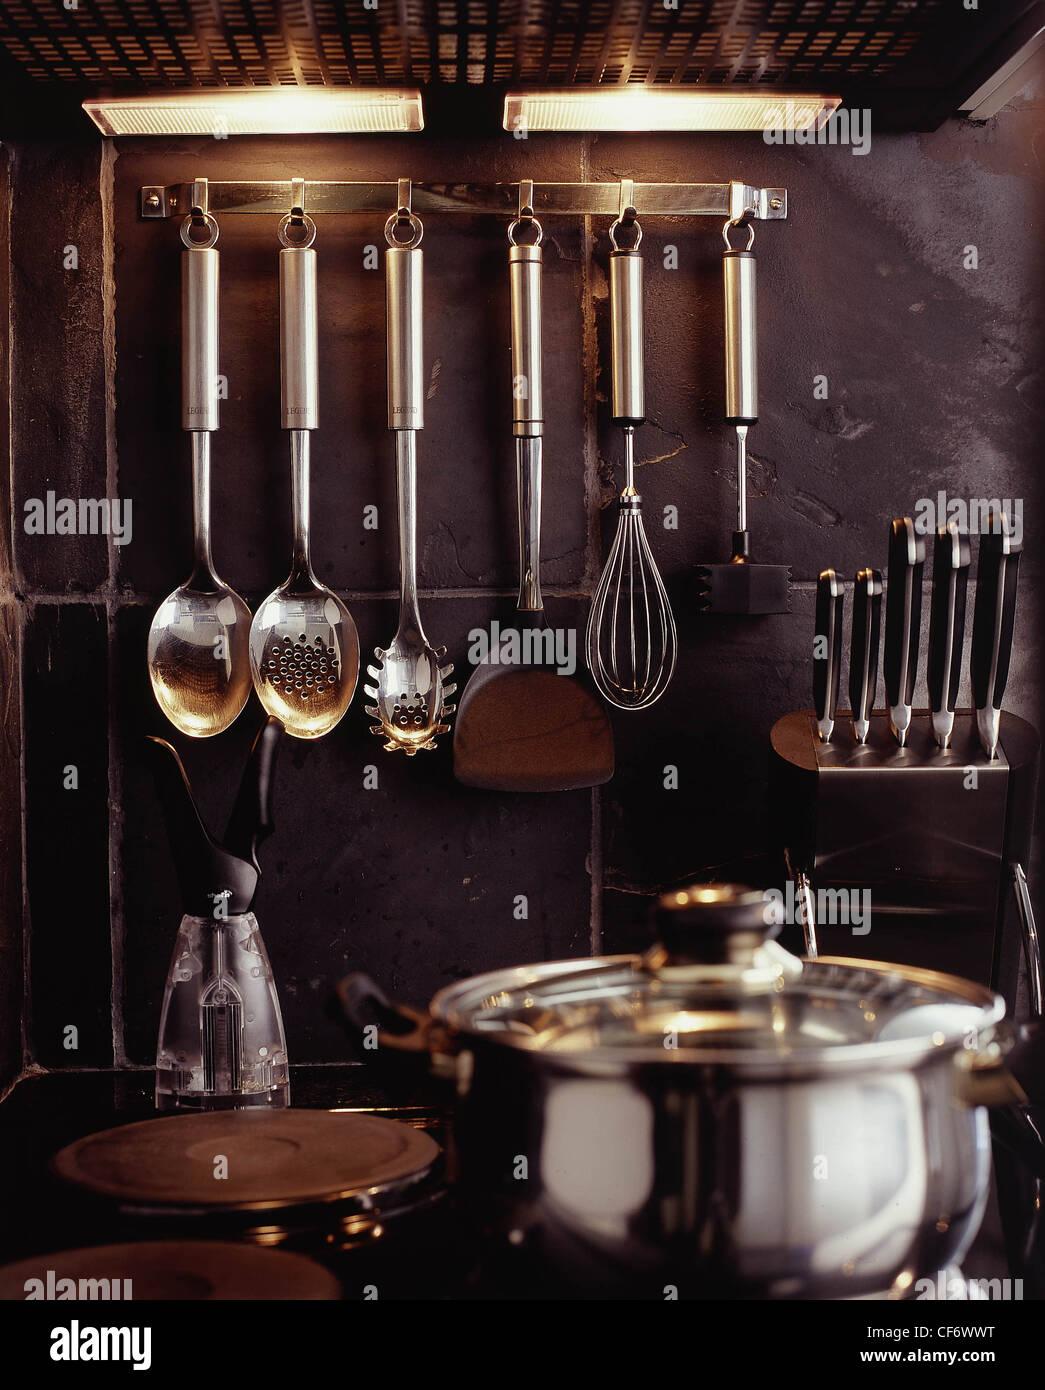 B tre diversi stili di cucina rastrelliera utensili da cucina in ...